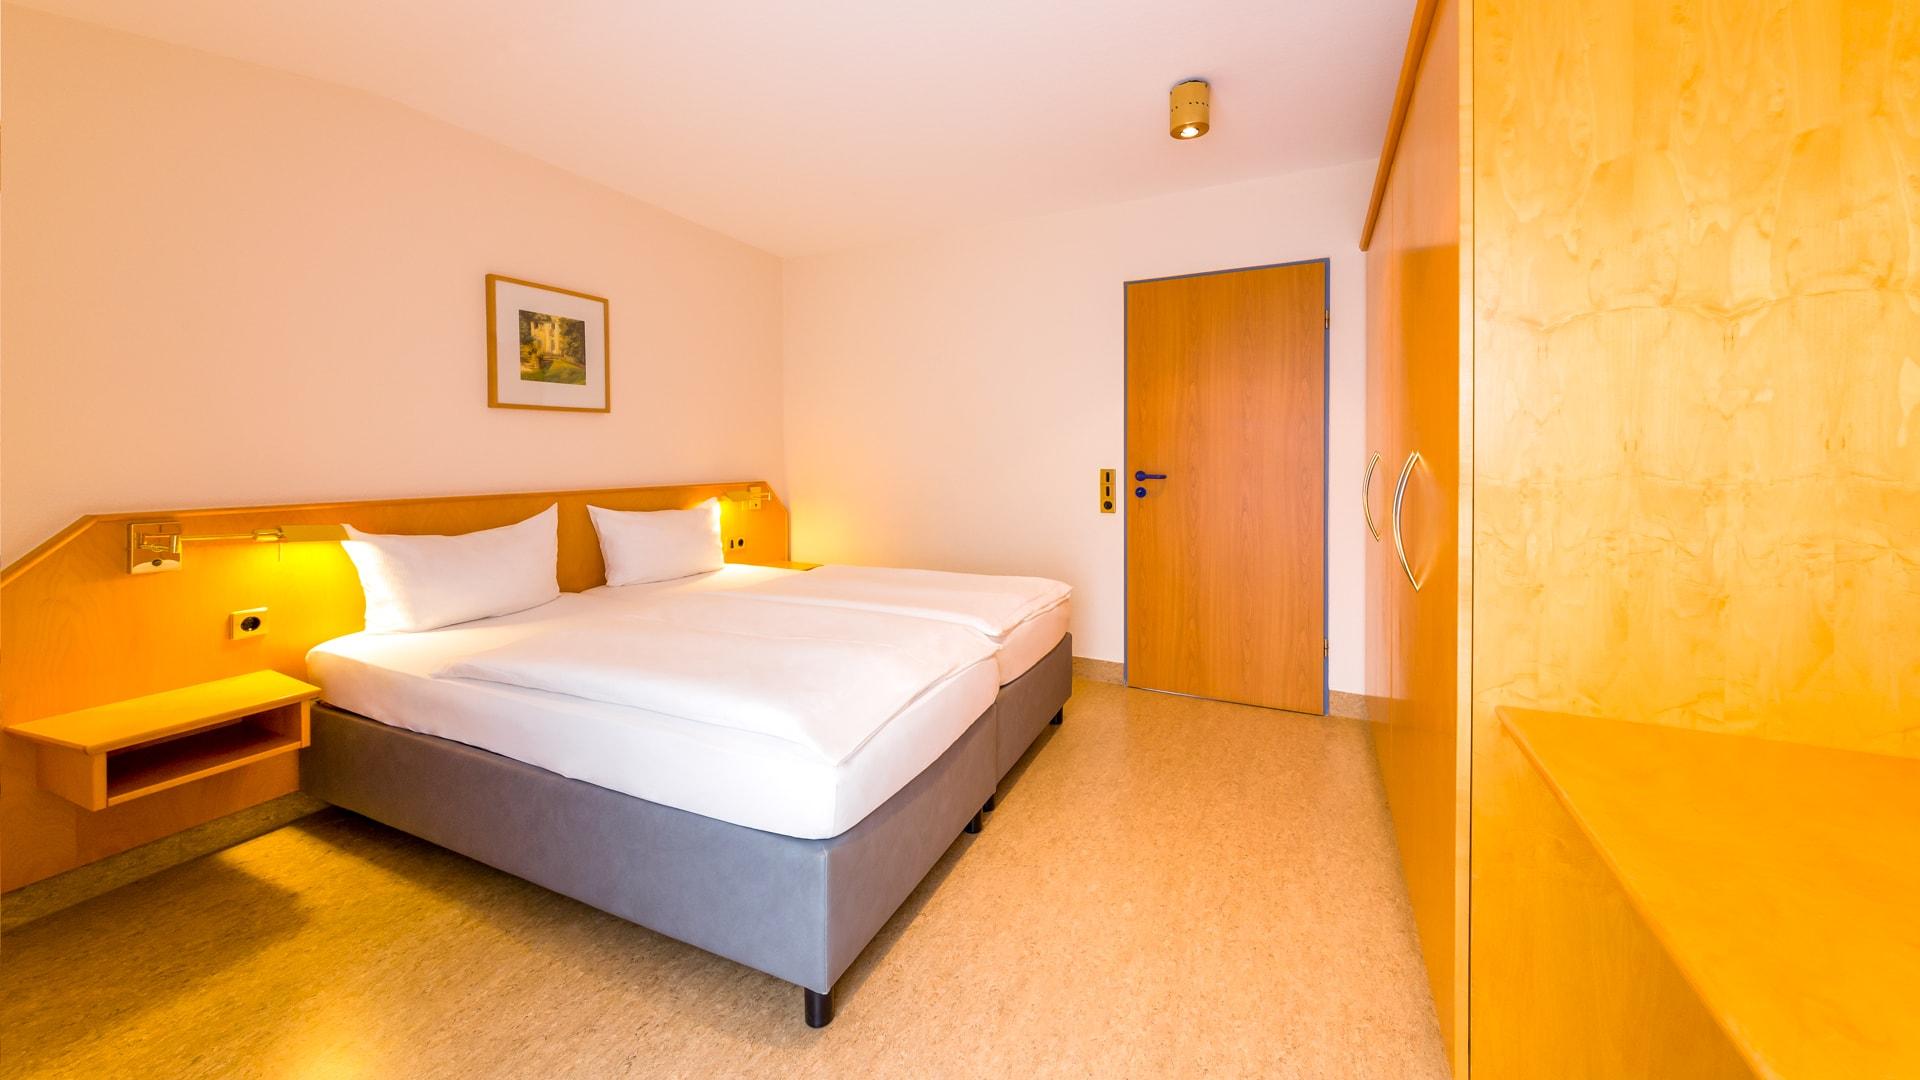 4 Michels_Hotels_Aparthotel_Norderney_Apartement_Schlafzimmer